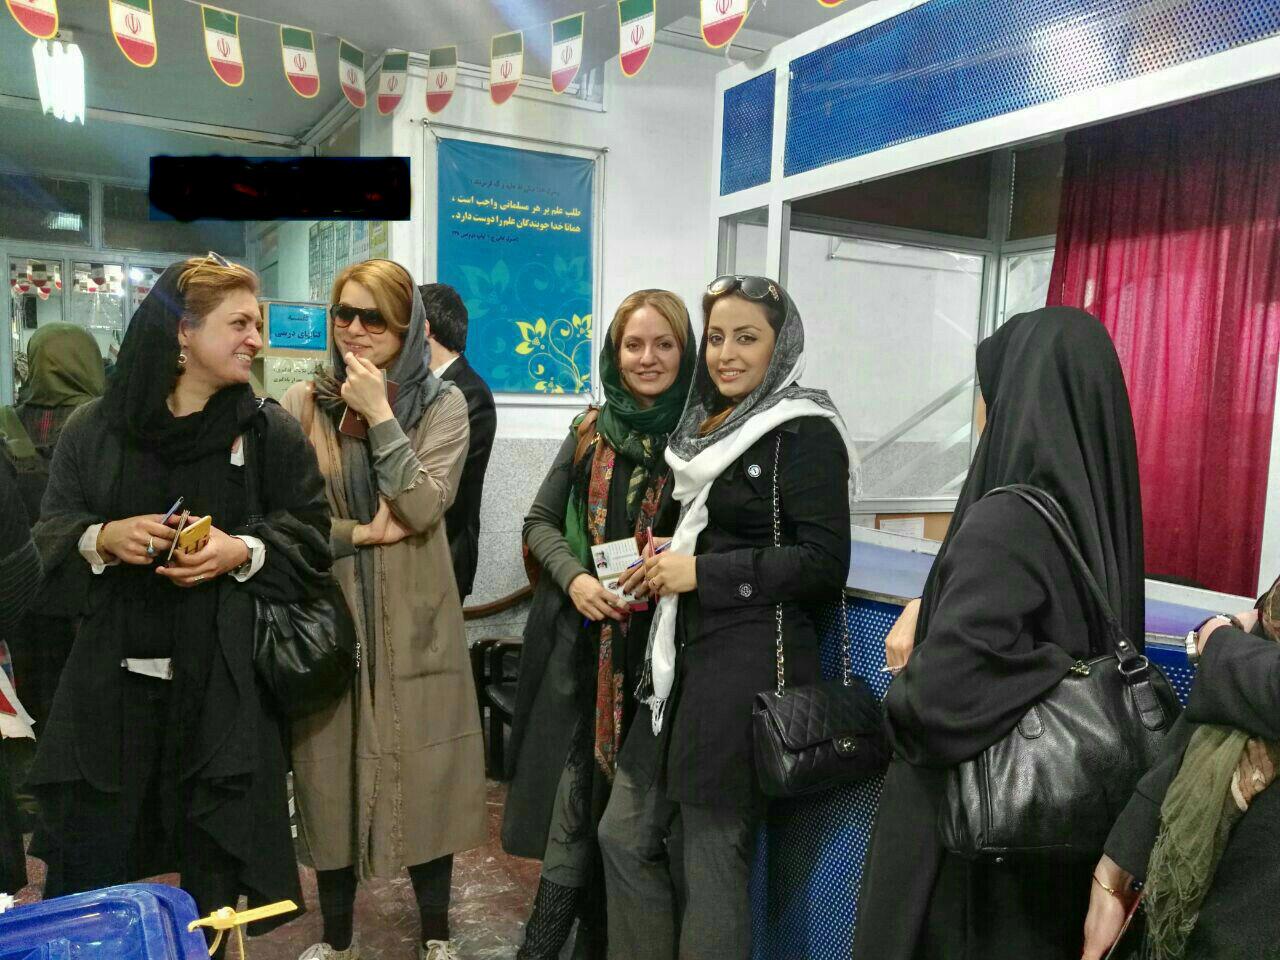 مهناز افشار رای خود را به صندوق انداخت(تصویر)